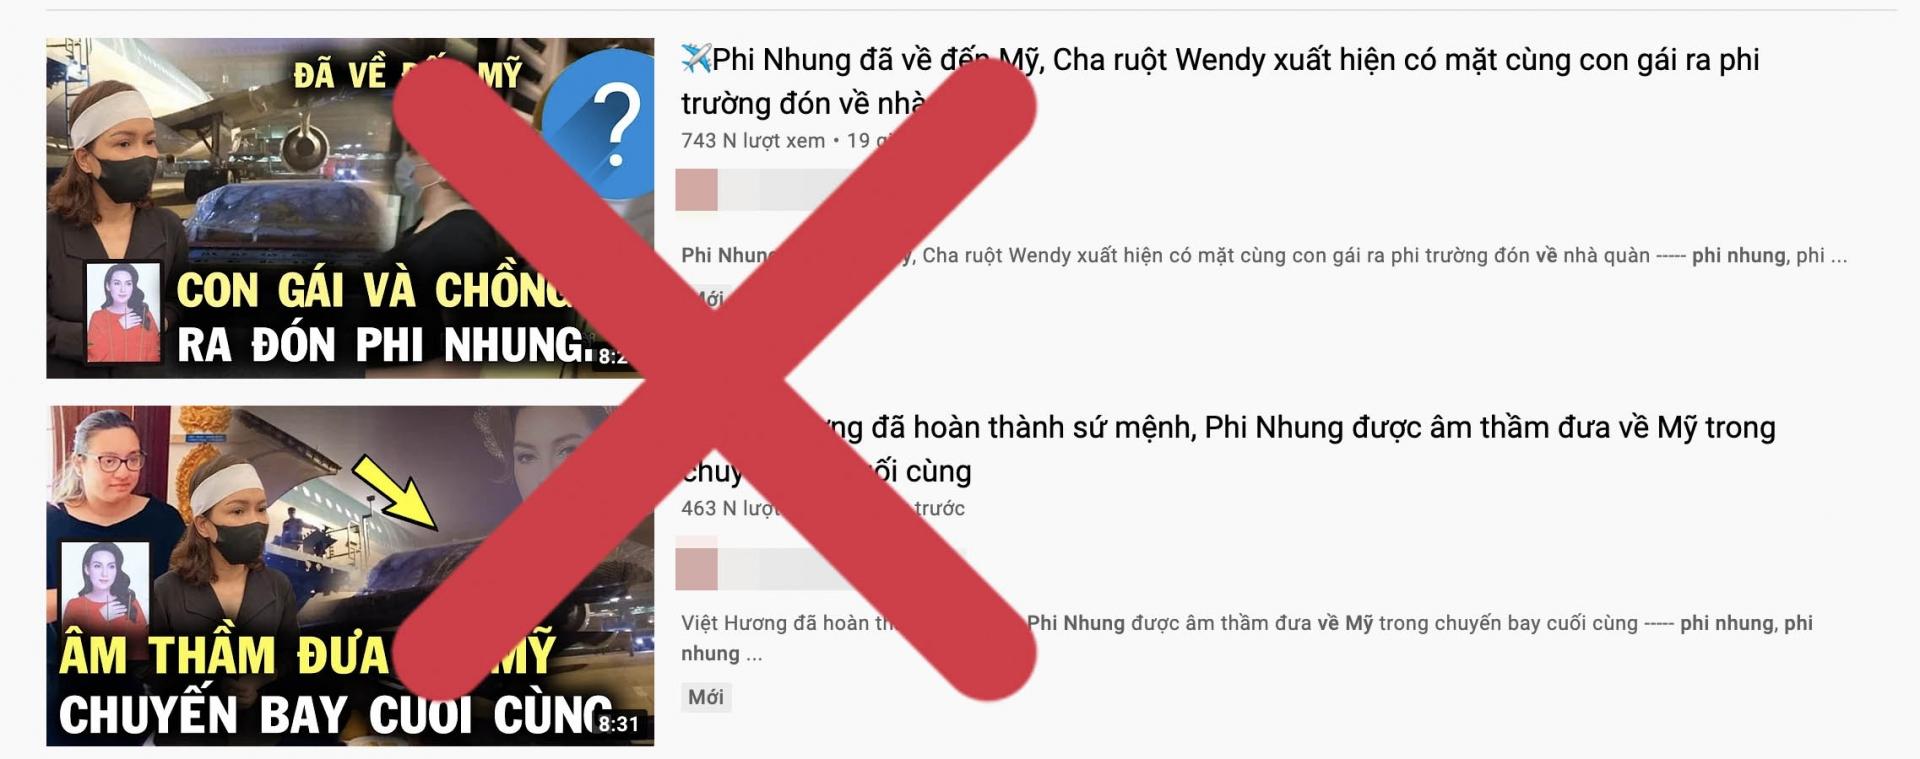 Rộ tin cha ruột con gái Phi Nhung ra phi trường đón thi hài cố nghệ sĩ: Thực hư ra sao? 3